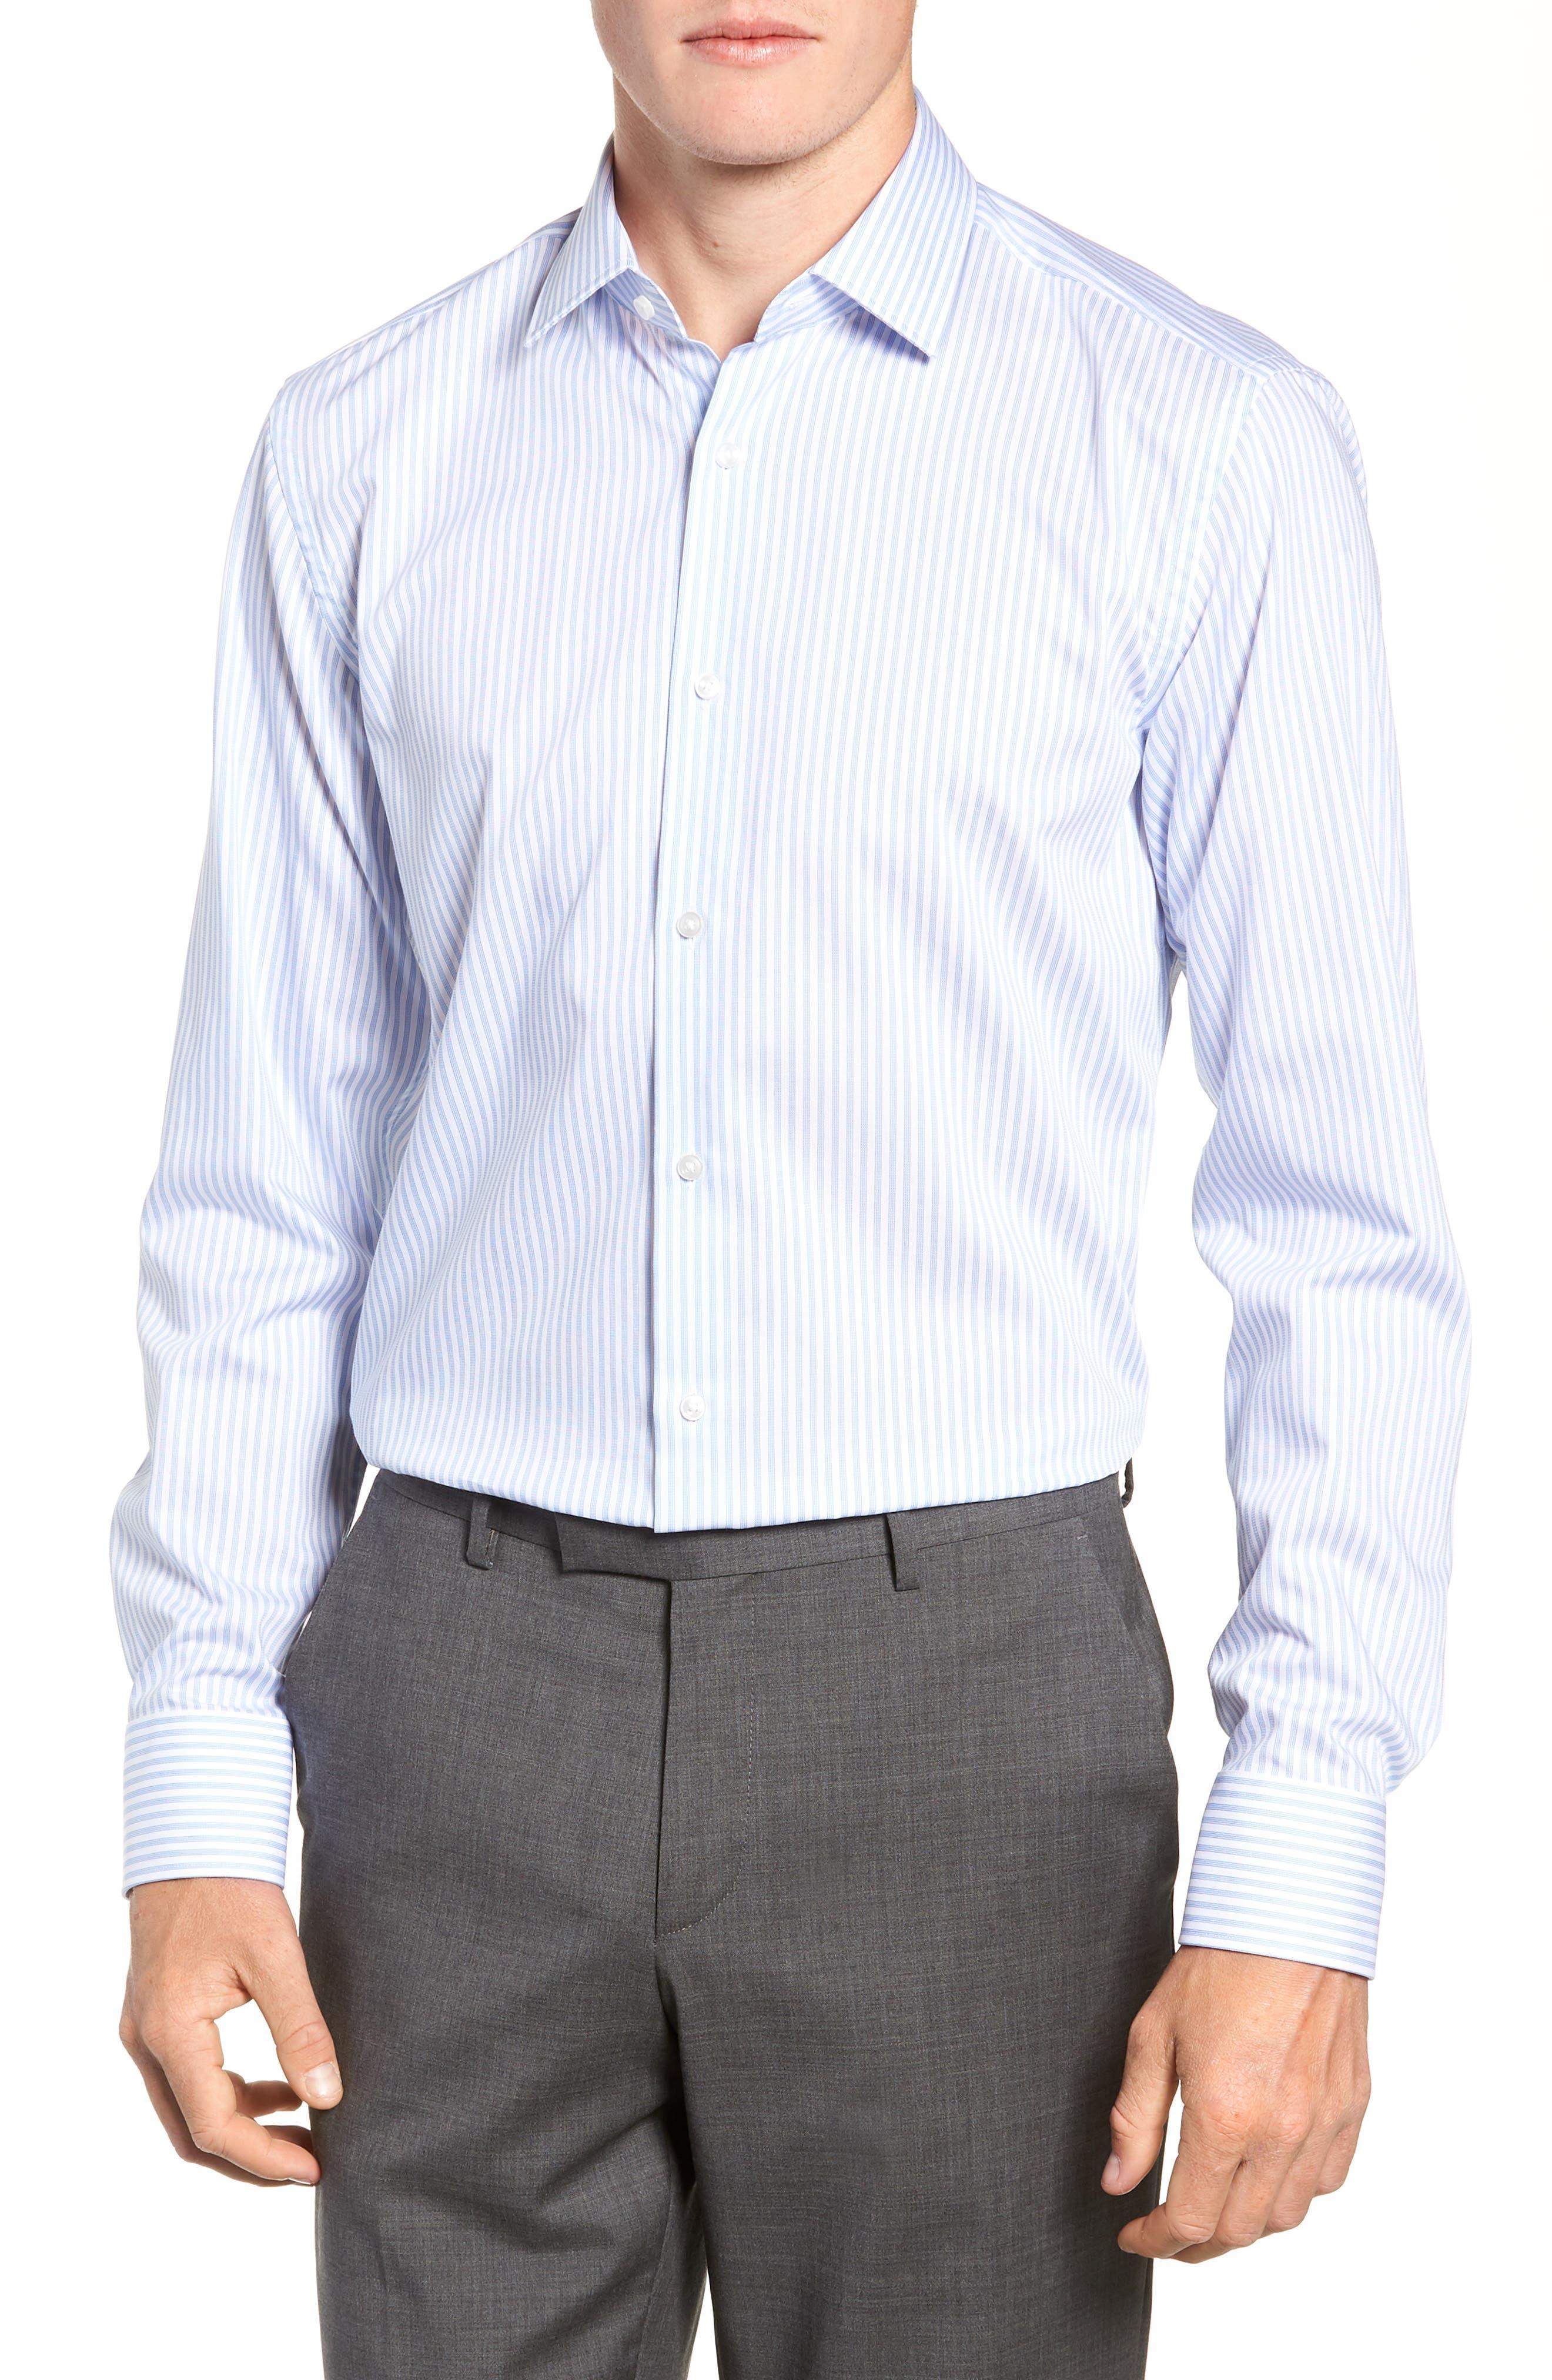 Jenno Trim Fit Stripe Dress Shirt,                             Main thumbnail 1, color,                             BLUE